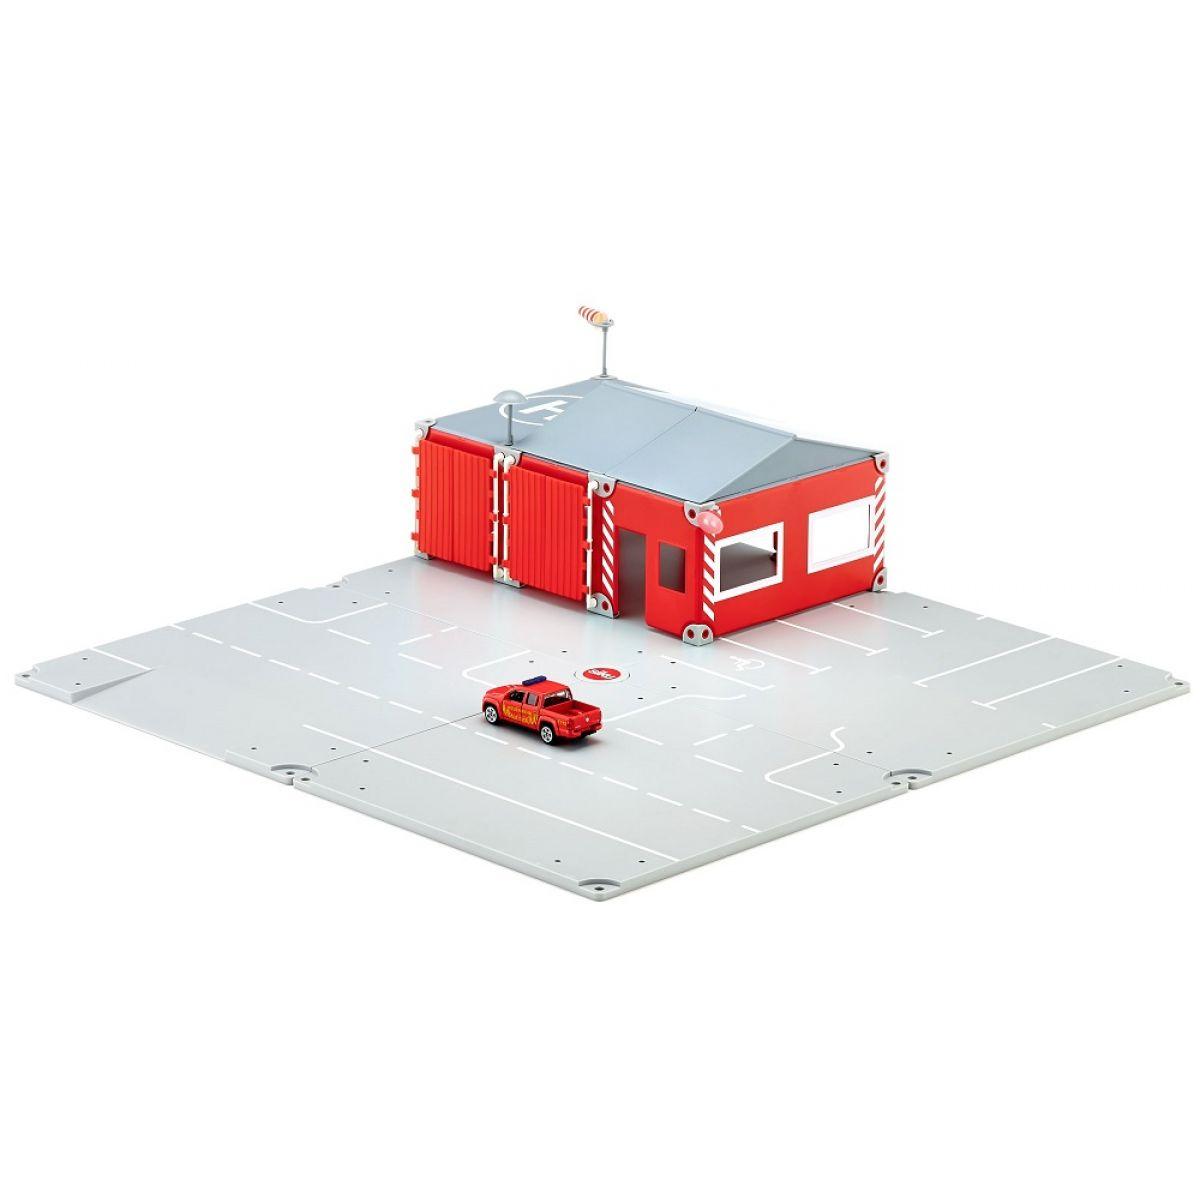 SIKU 5502 WORLD Set požární stanice 16 dílů 1:50